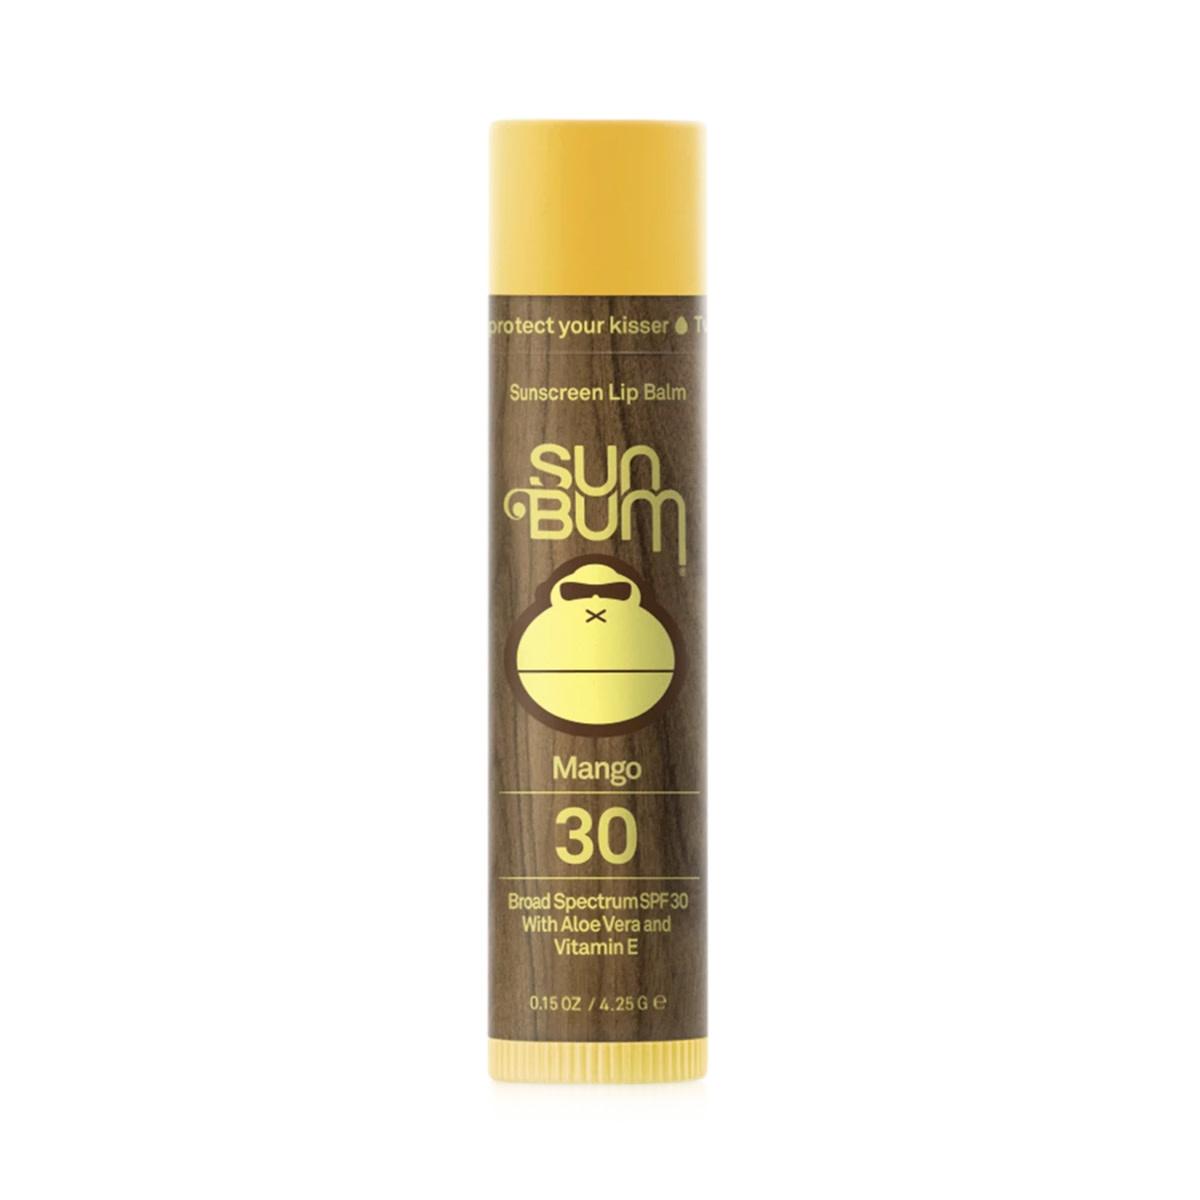 Sun Bum Sun Bum SPF 30 Mango Lip Balm